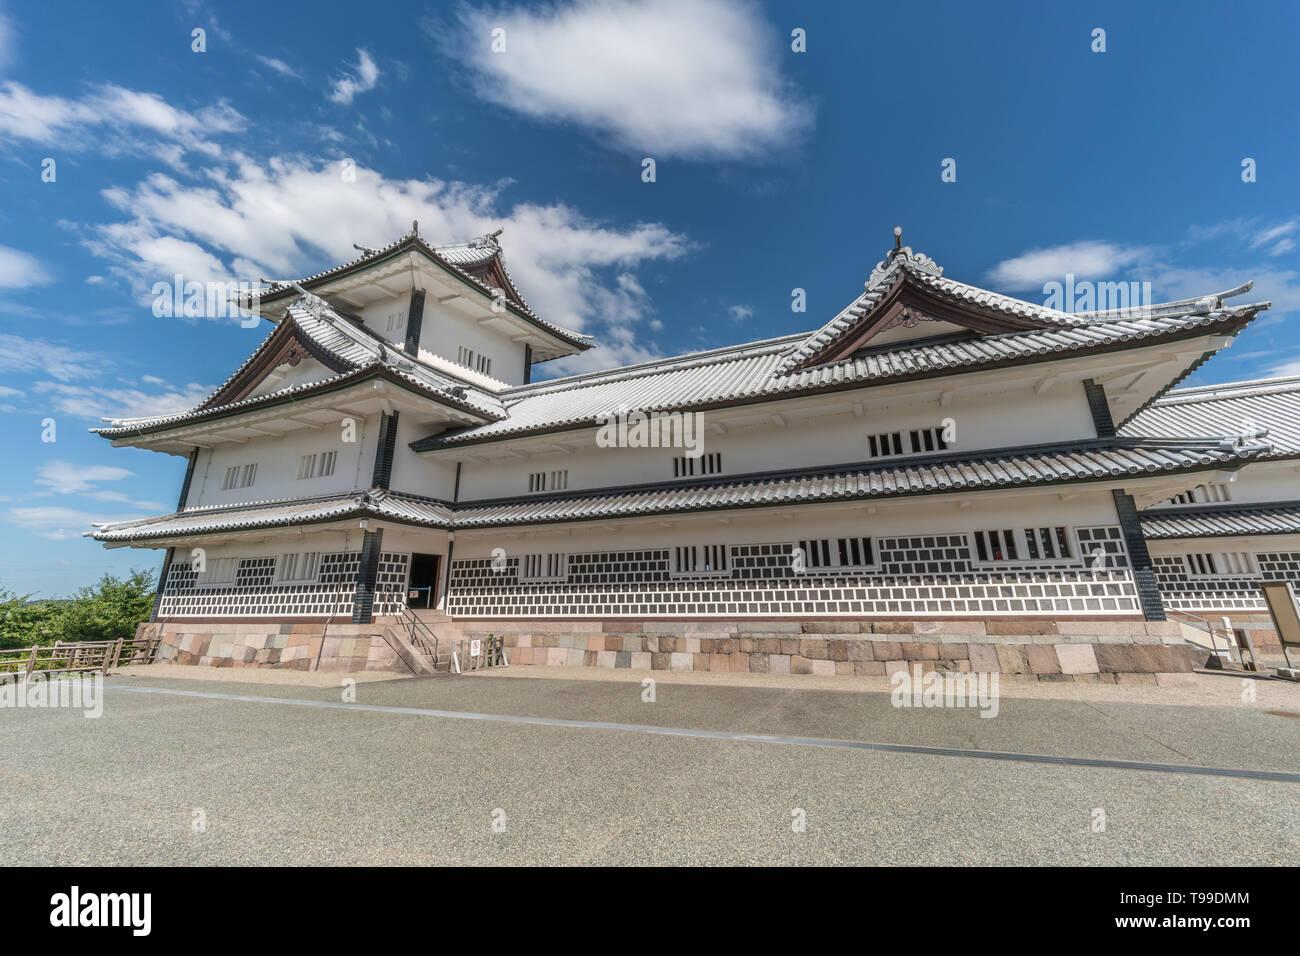 Kanazawa, Ishikawa, Japan - August 21, 2018 : Kanazawa Castle. Hishi Yagura watchtower at Gojikken Nagaya warehouse two-level, multi-sided turret. Blu - Stock Image